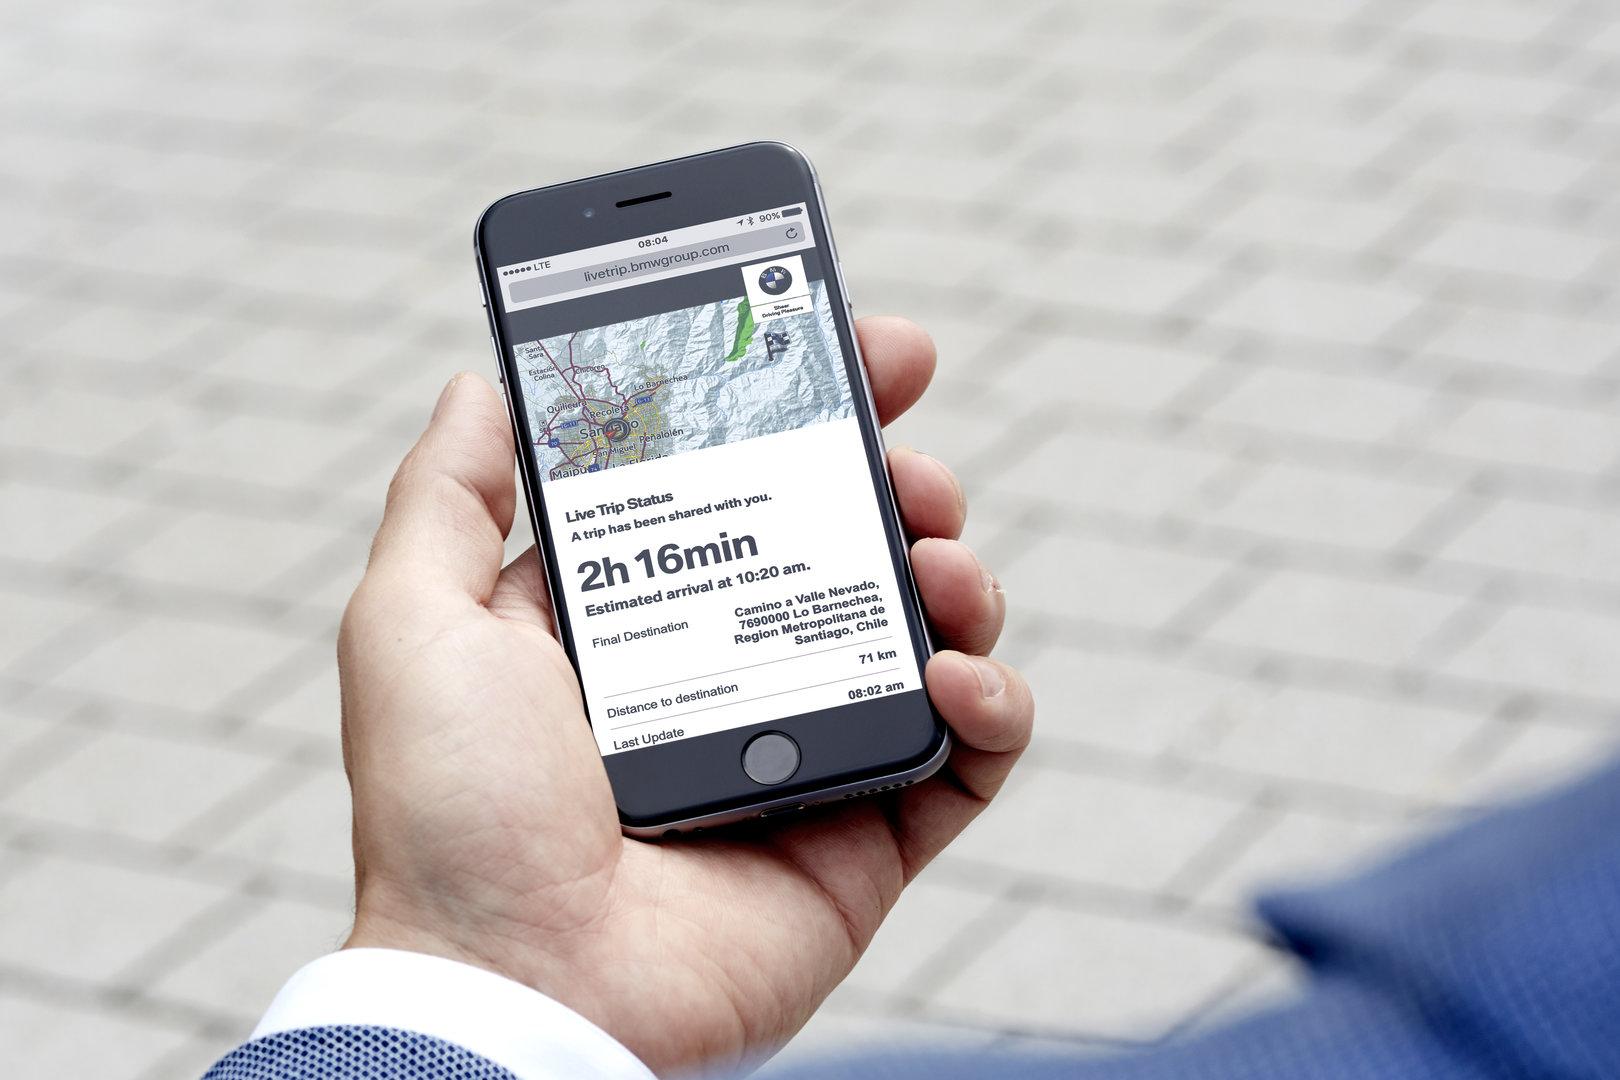 Ansicht der geteilten Route auf dem Smartphone